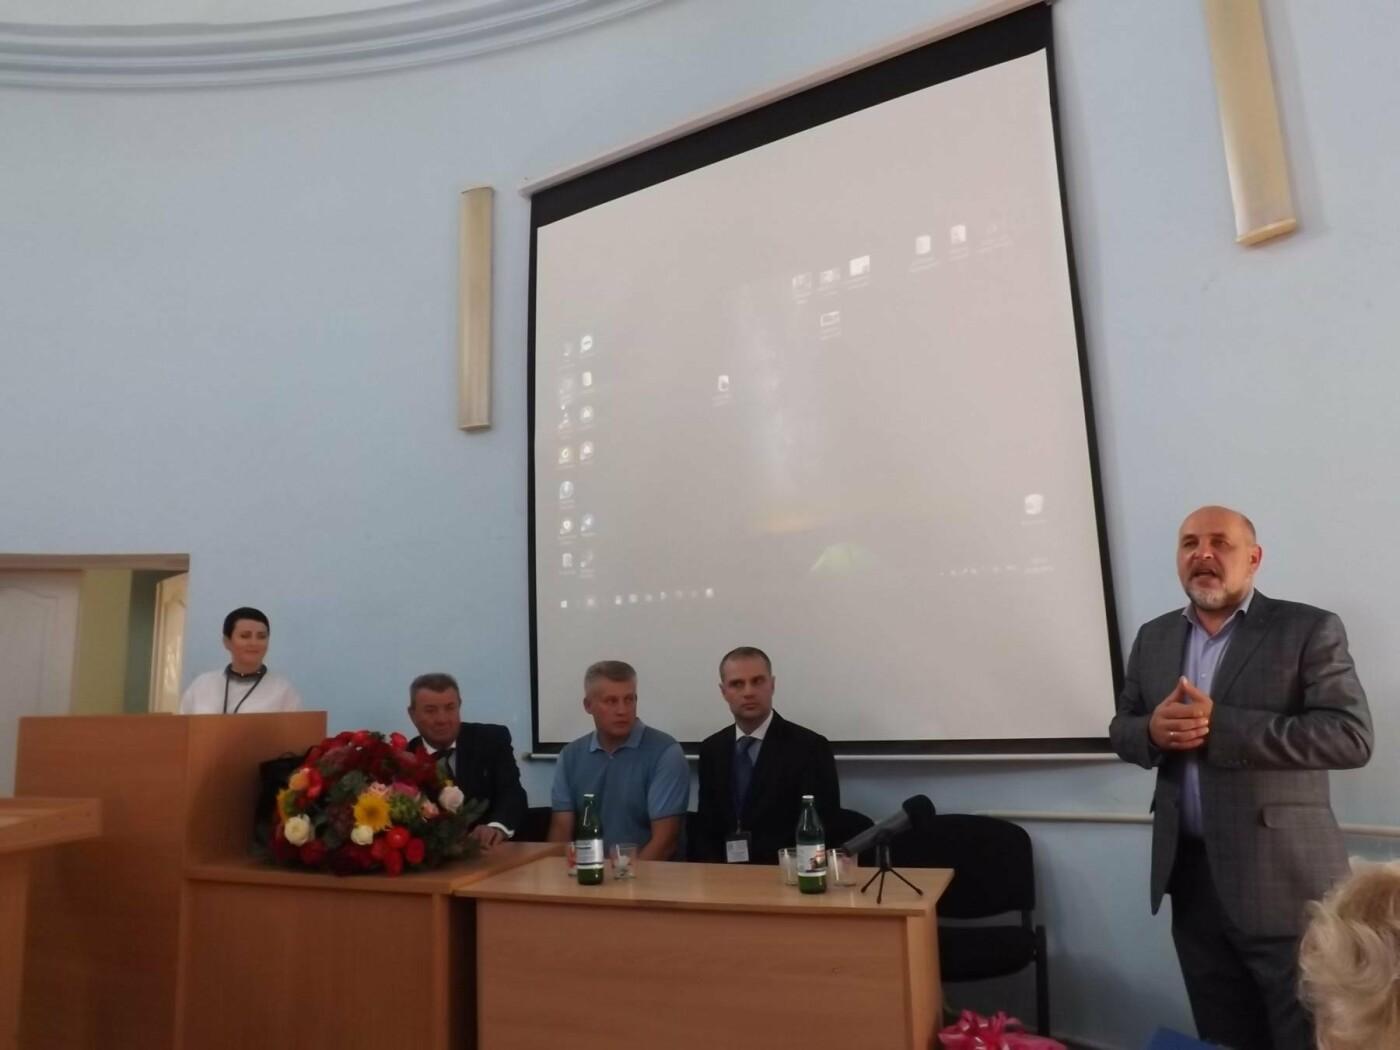 З нагоди 230-річчя дендропарку «Олександрія» відкрилася міжнародна наукова конференція, фото-2